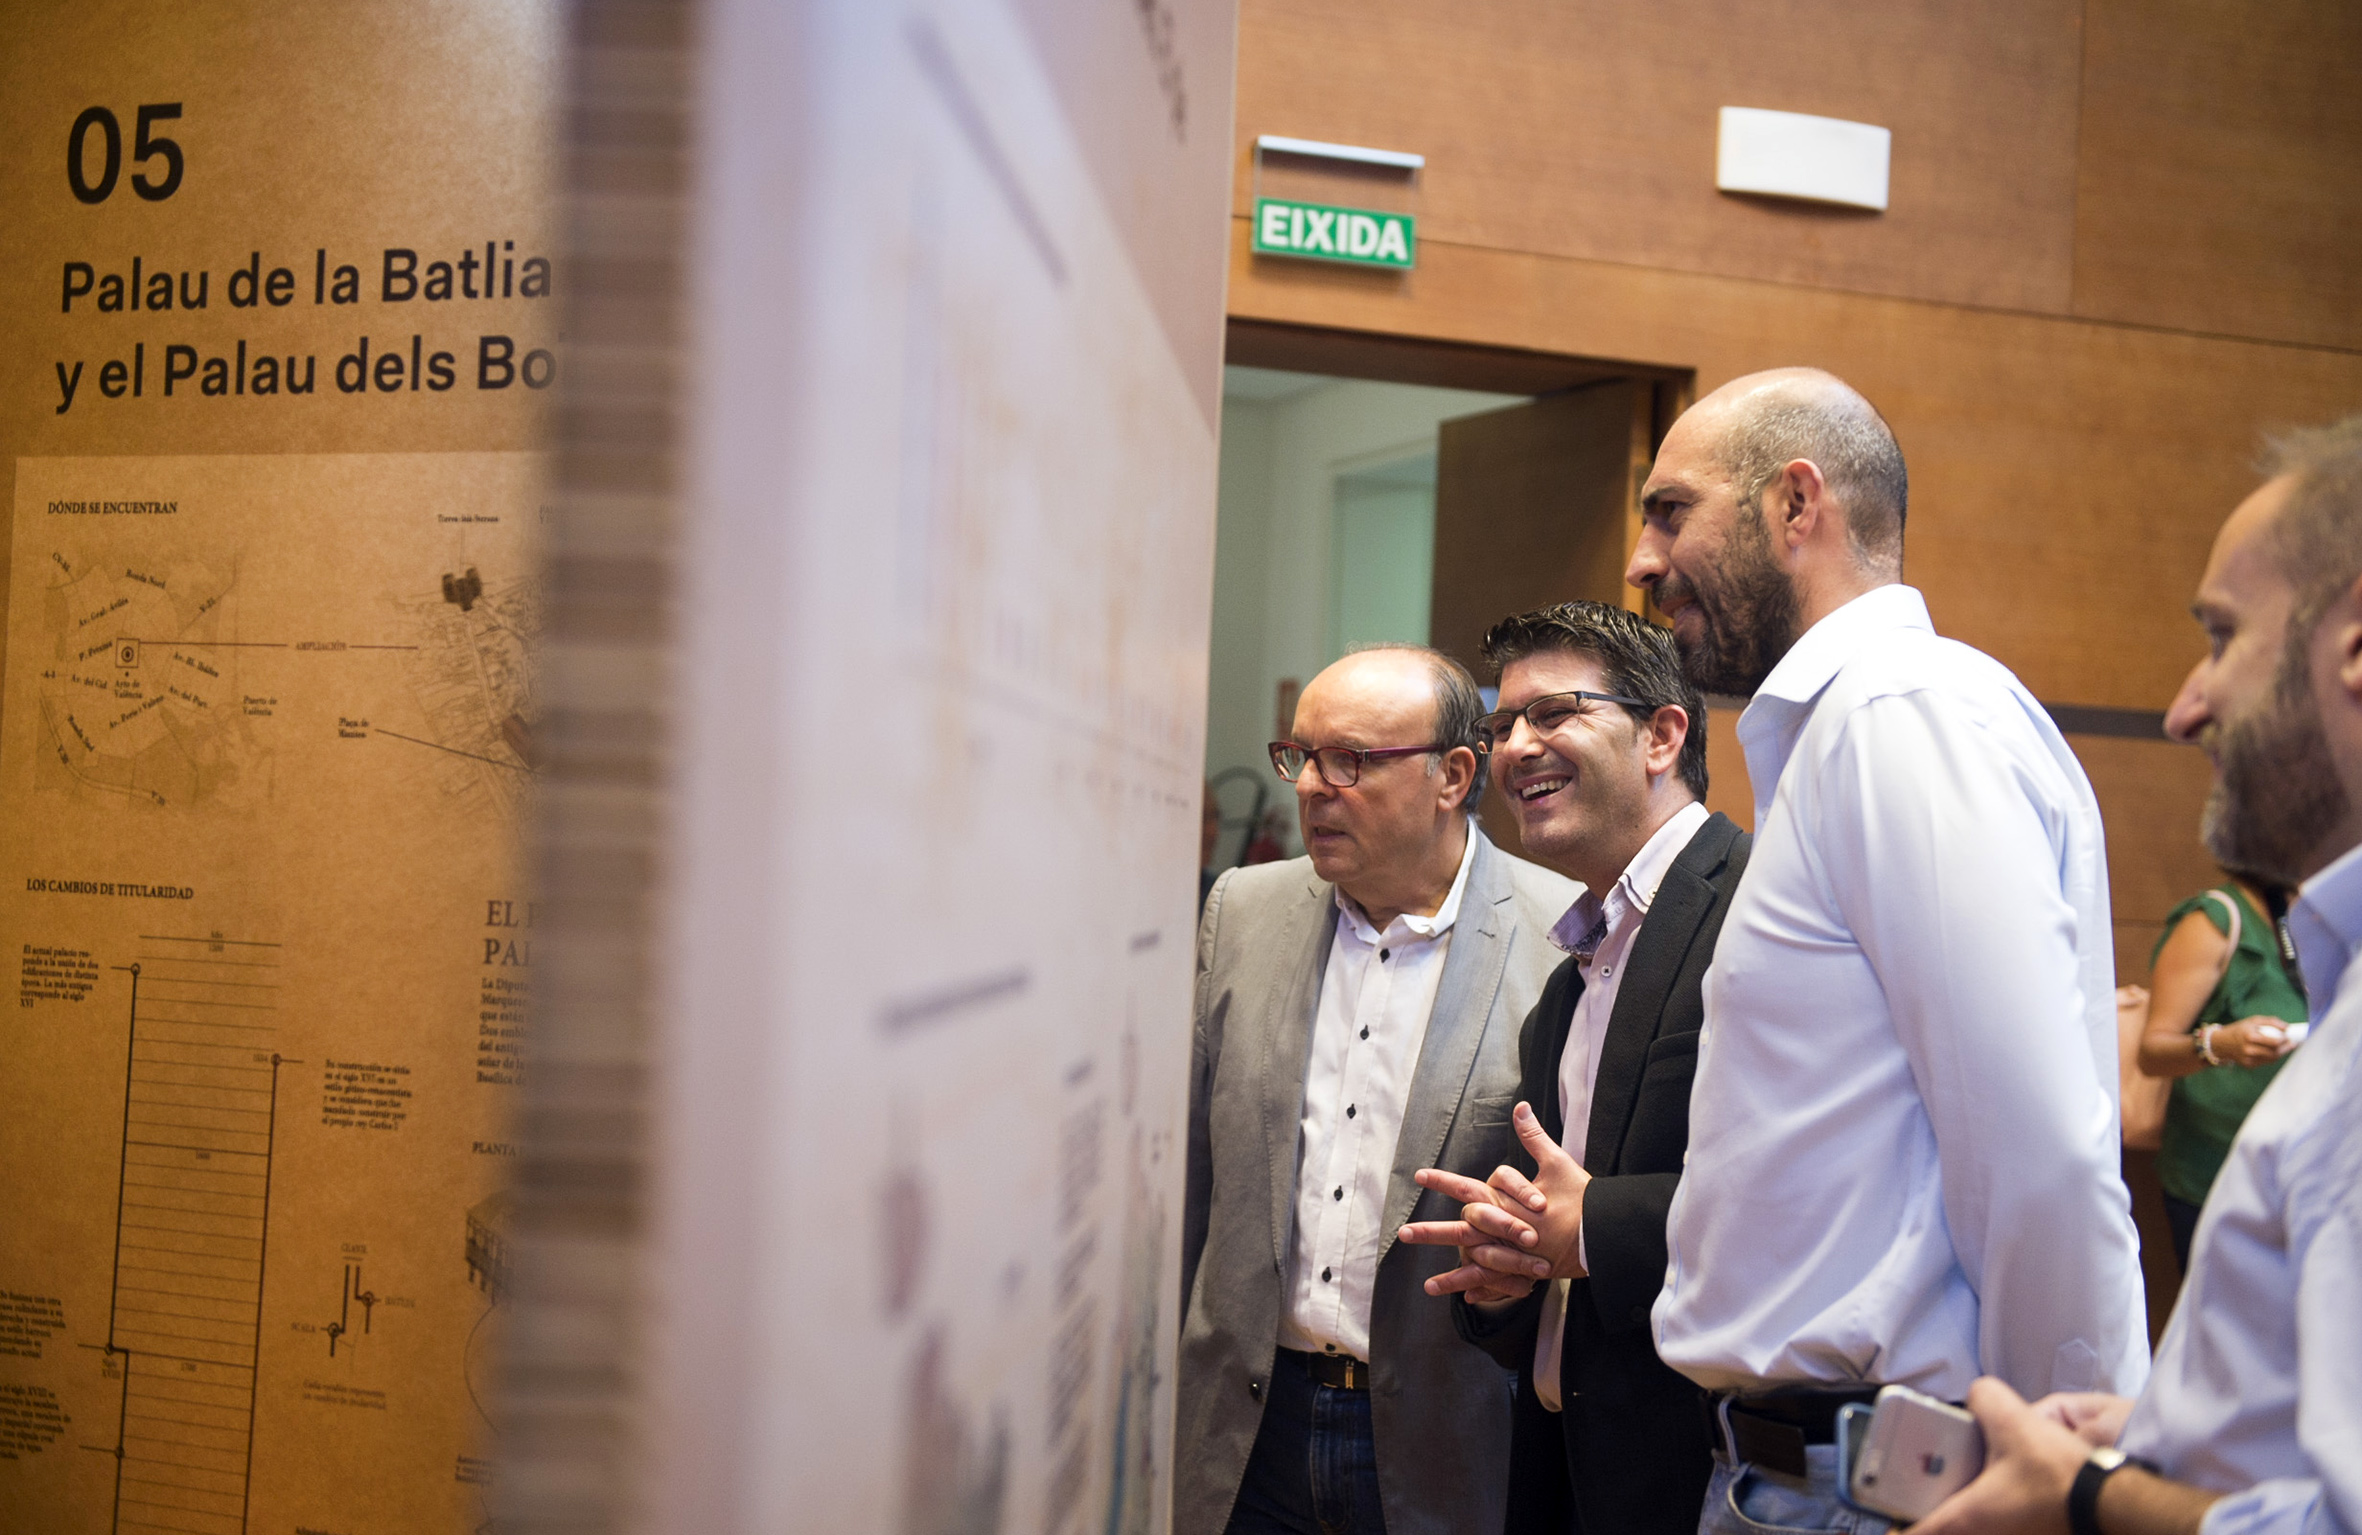 La Diputación recibe 15.000 visitas en sus dos semanas de puertas abiertas por el 9 d'Octubre.